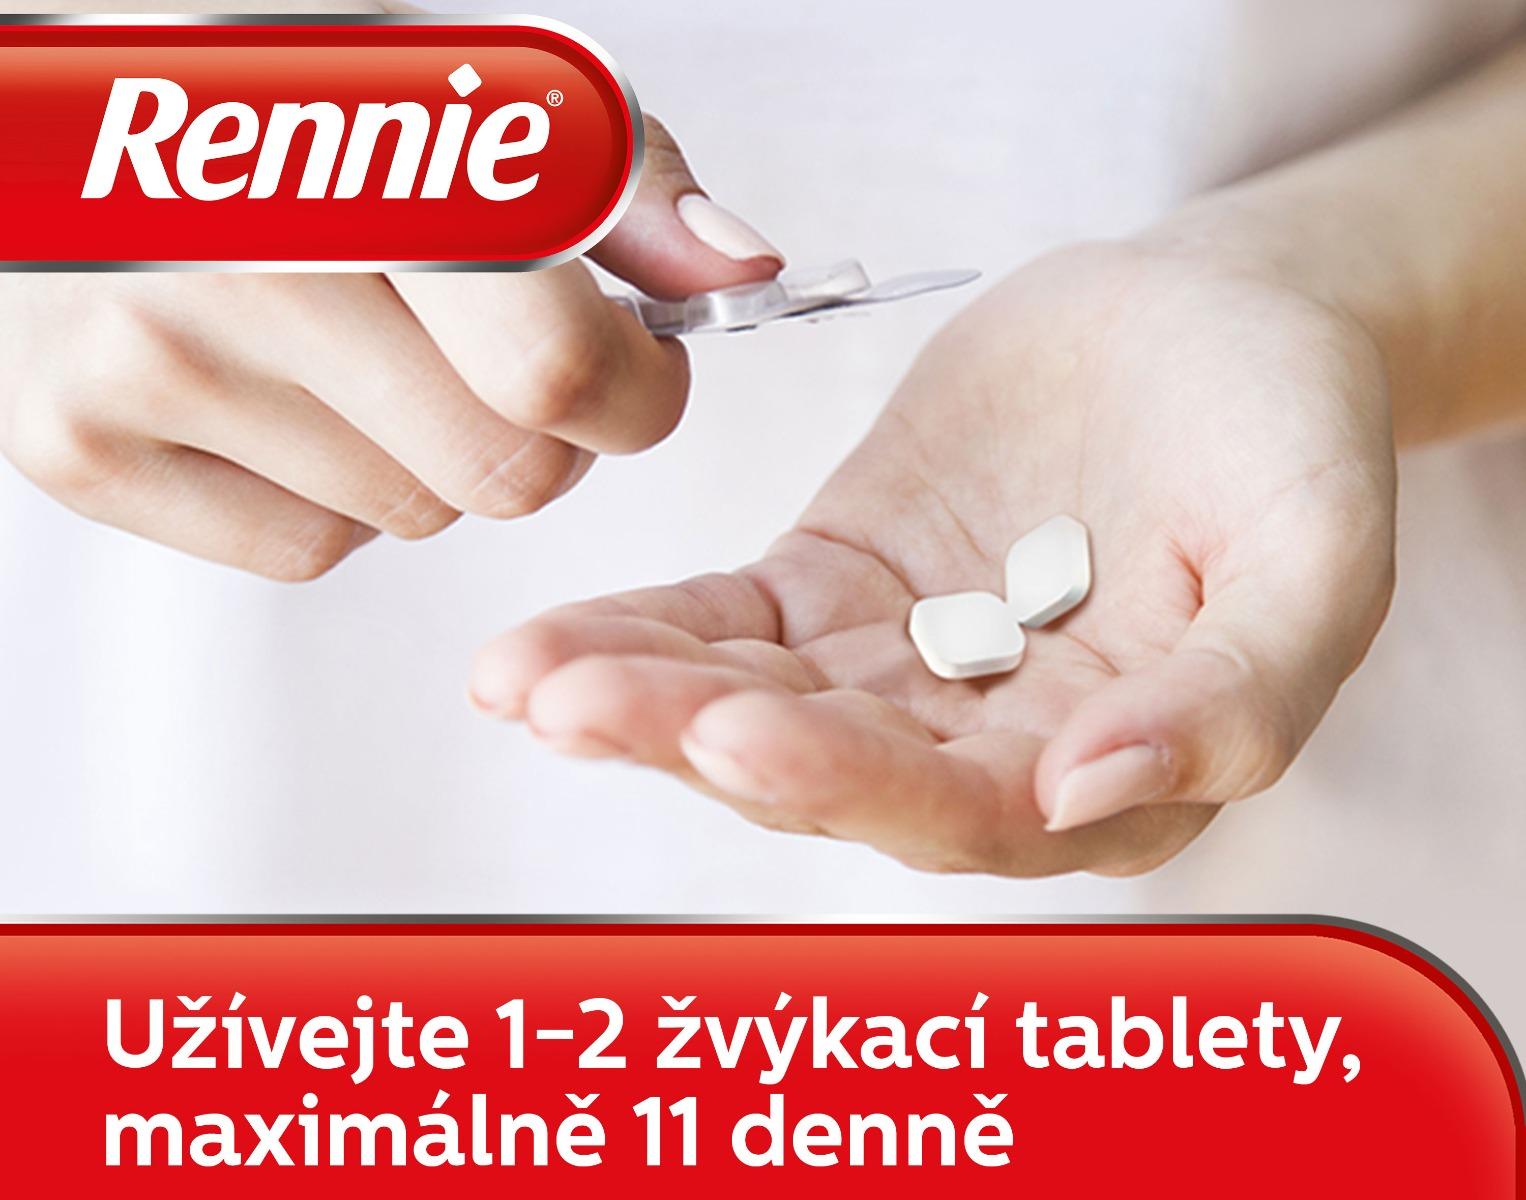 Rennie 48 žvýkacích tabletaaaaa